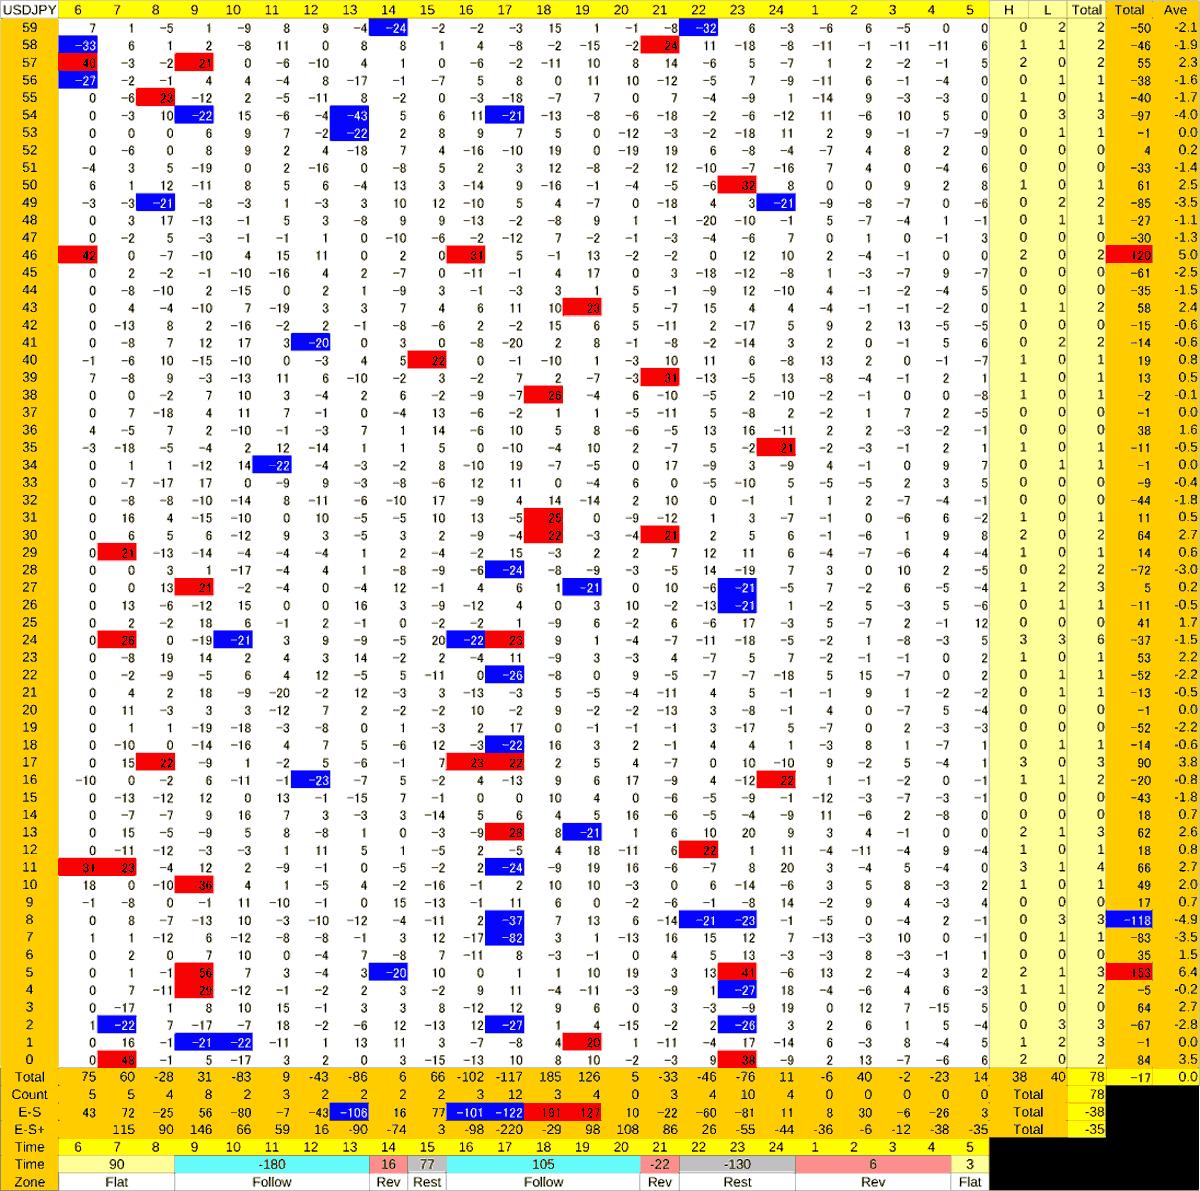 20200601_HS(1)USDJPY